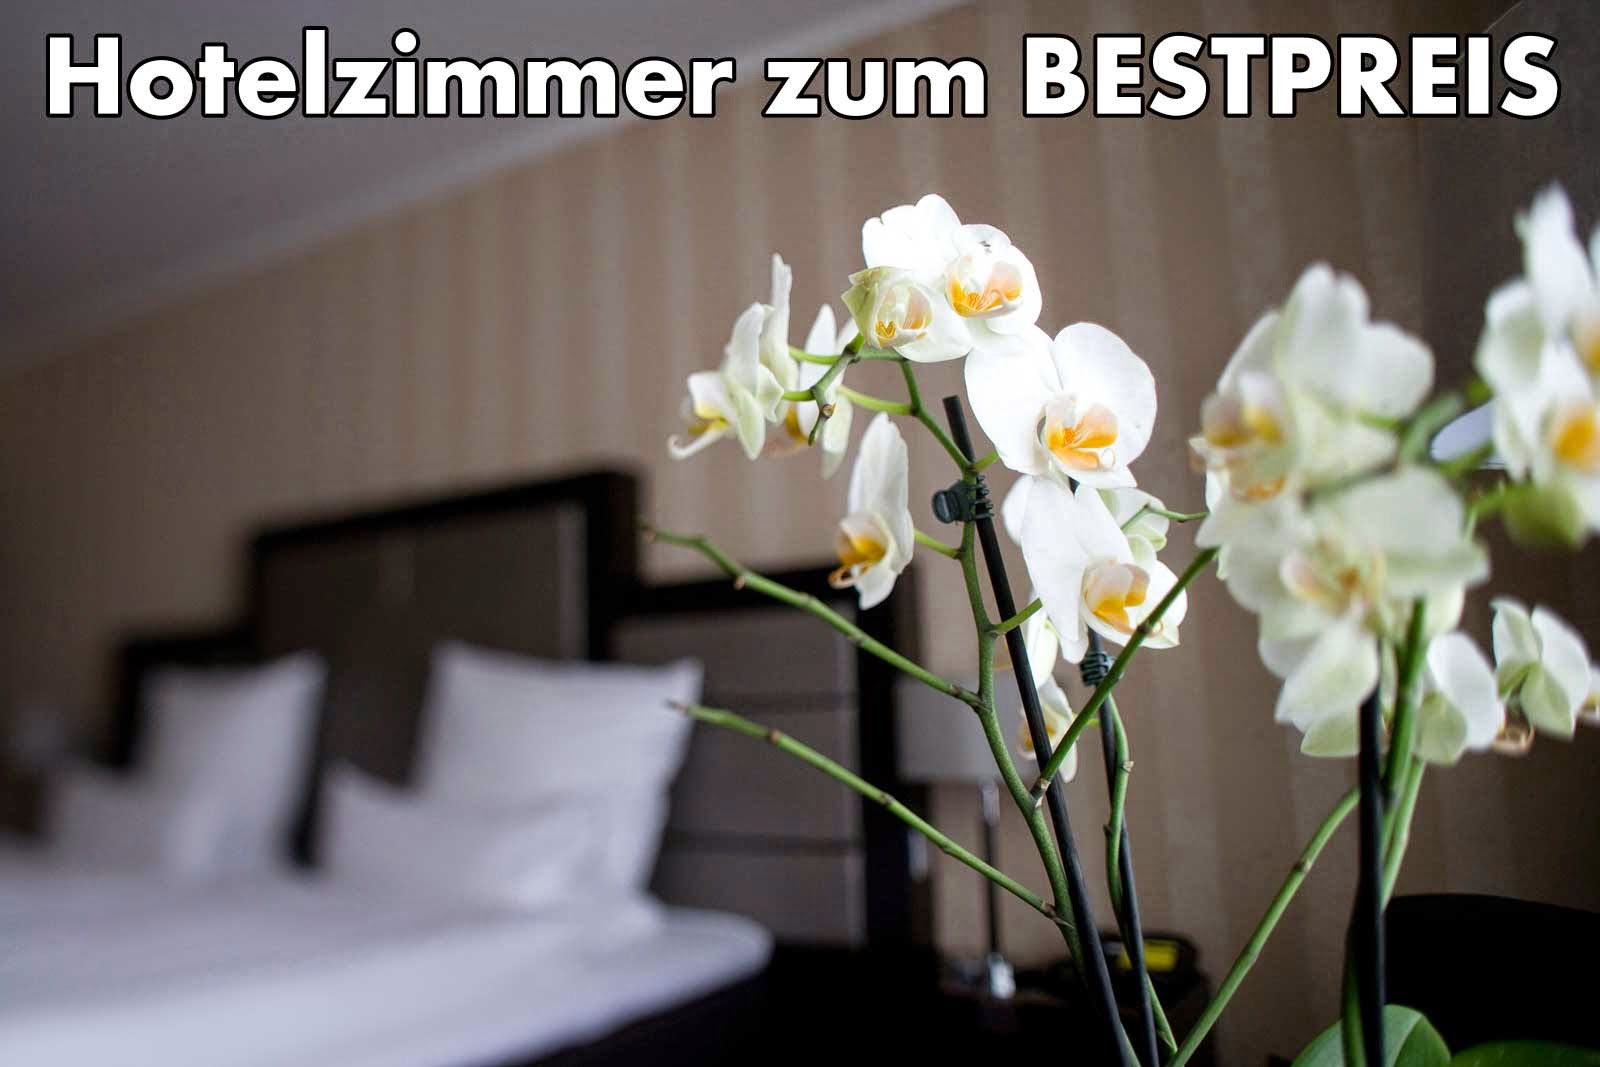 Ratgeber: Hotelpreise vergleichen, aber RICHTIG